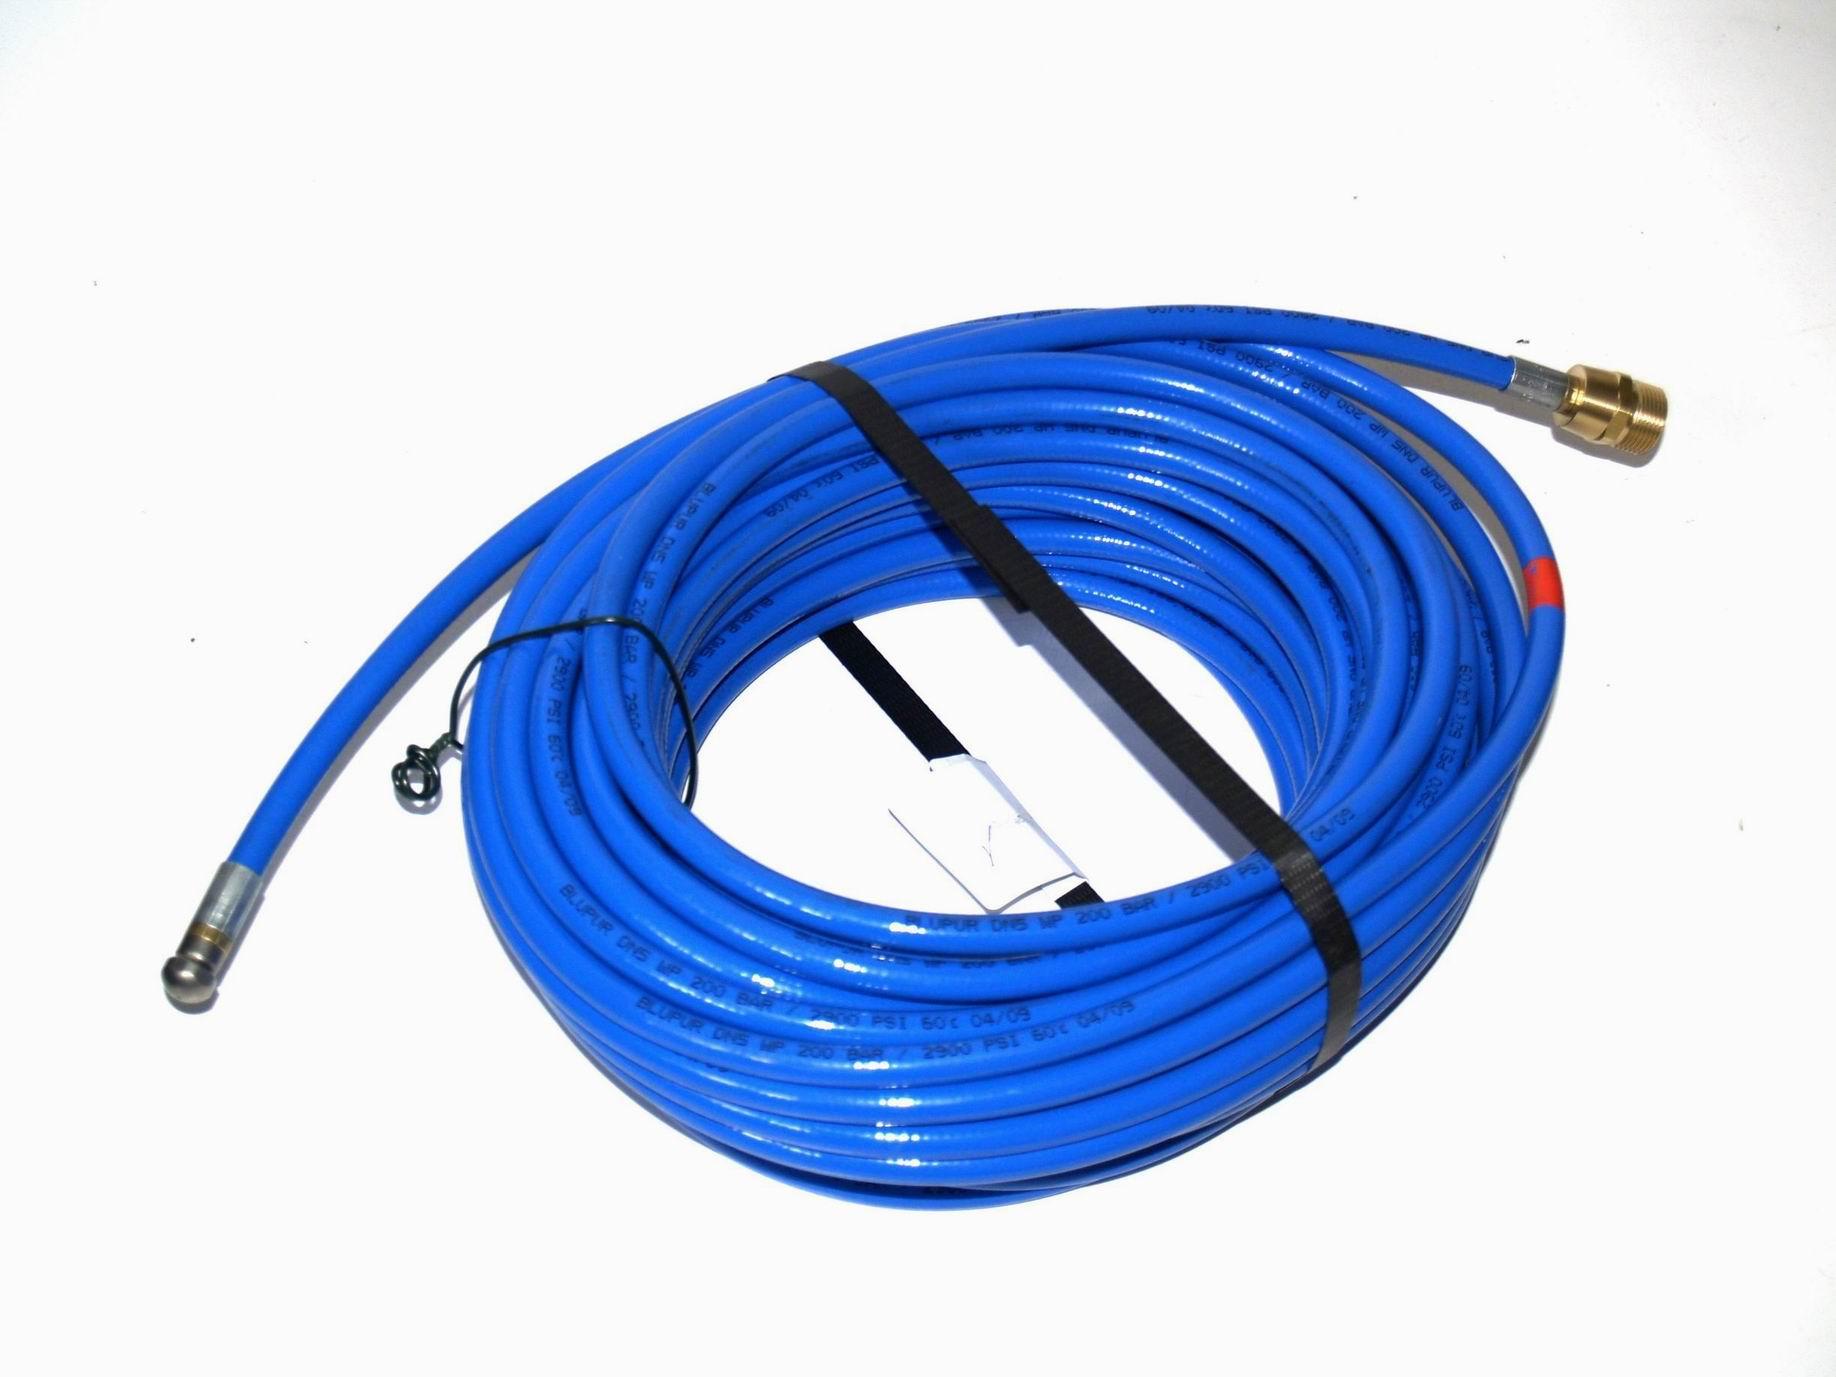 25m tuyau pour nettoyage de tubes bleu pour nettoyeur haute pression kr nzle m22 ebay. Black Bedroom Furniture Sets. Home Design Ideas